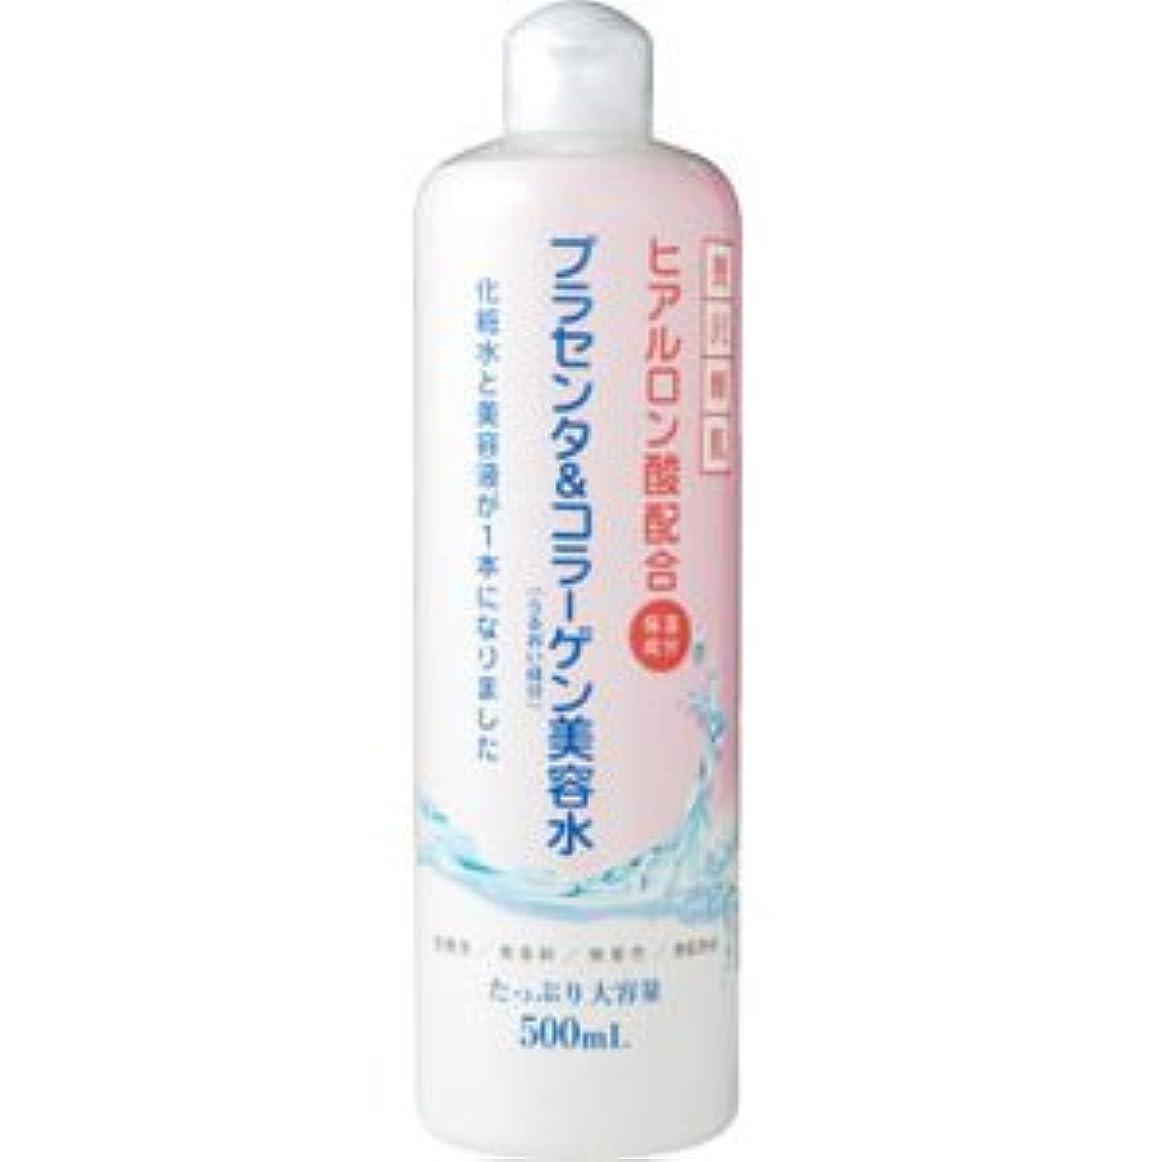 サミュエル地上の無意識化粧水?美容液がこの1本!大容量サイズ?低価格『贅沢輝肌 美容水』 (プラセンタ&コラーゲン)